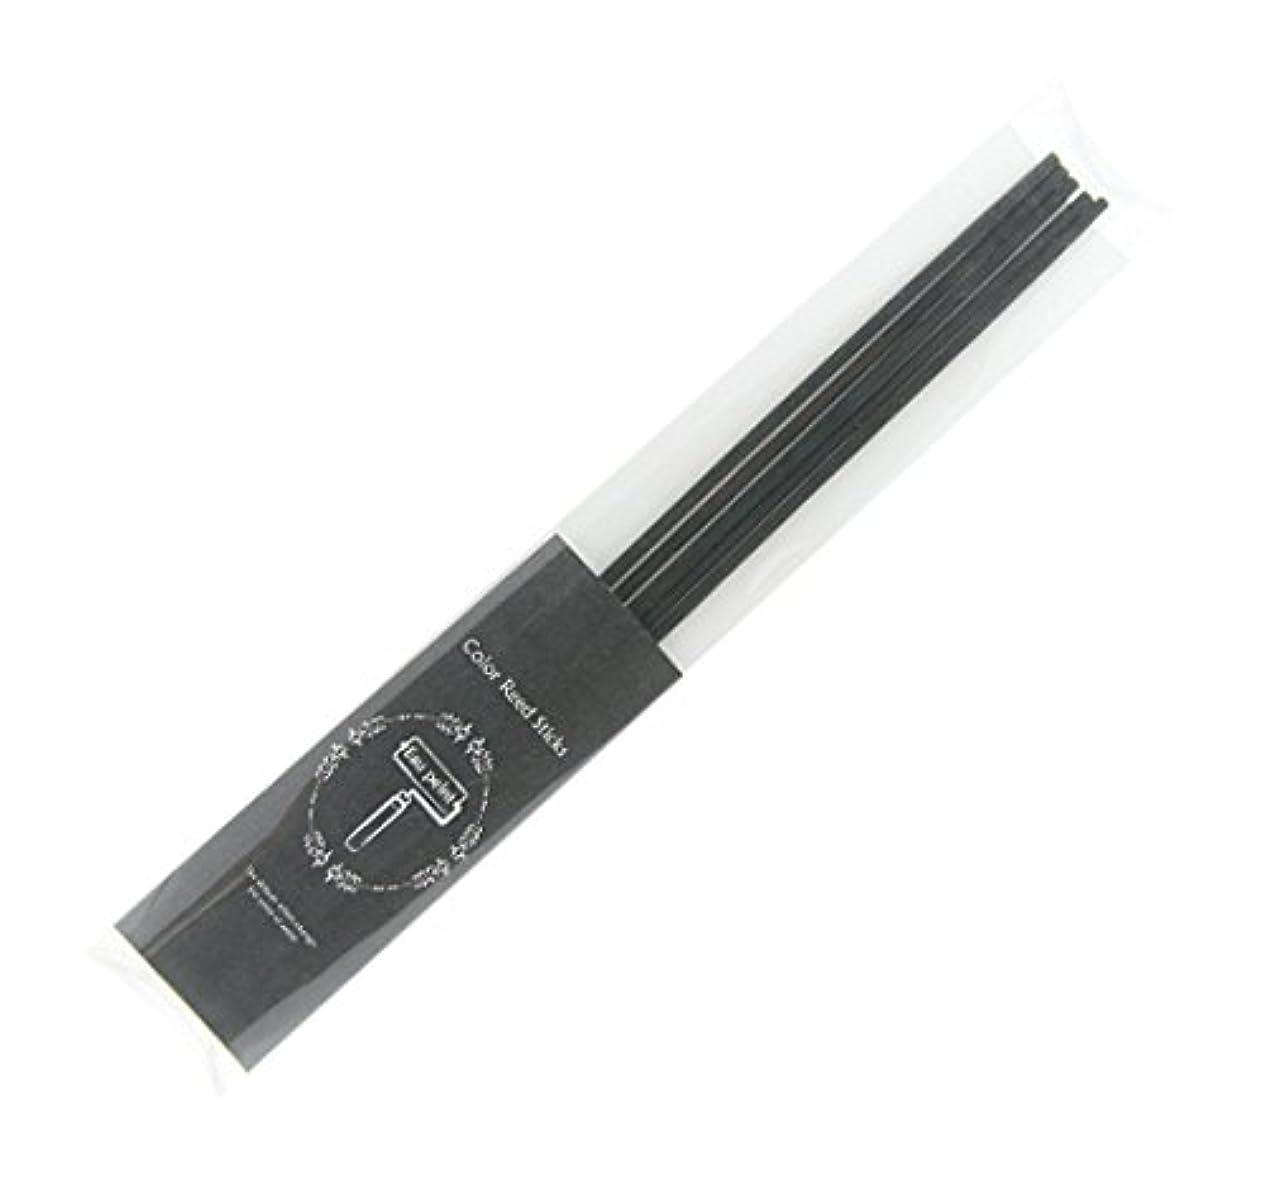 ベット申請者シンボルEau peint mais+ カラースティック リードディフューザー用スティック 5本入 ブラック Black オーペイント マイス